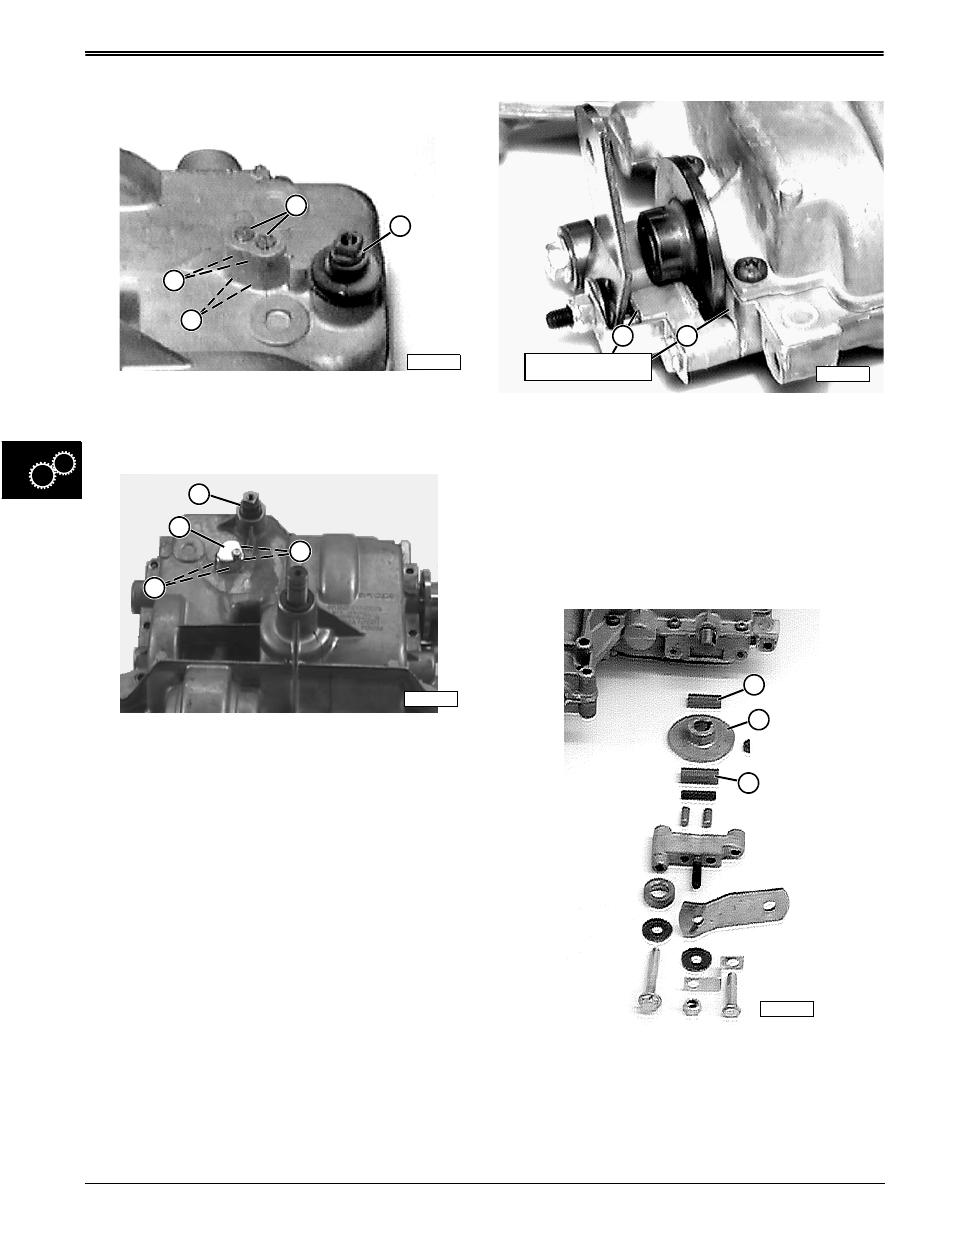 John Deere stx38 User Manual | Page 222 / 314